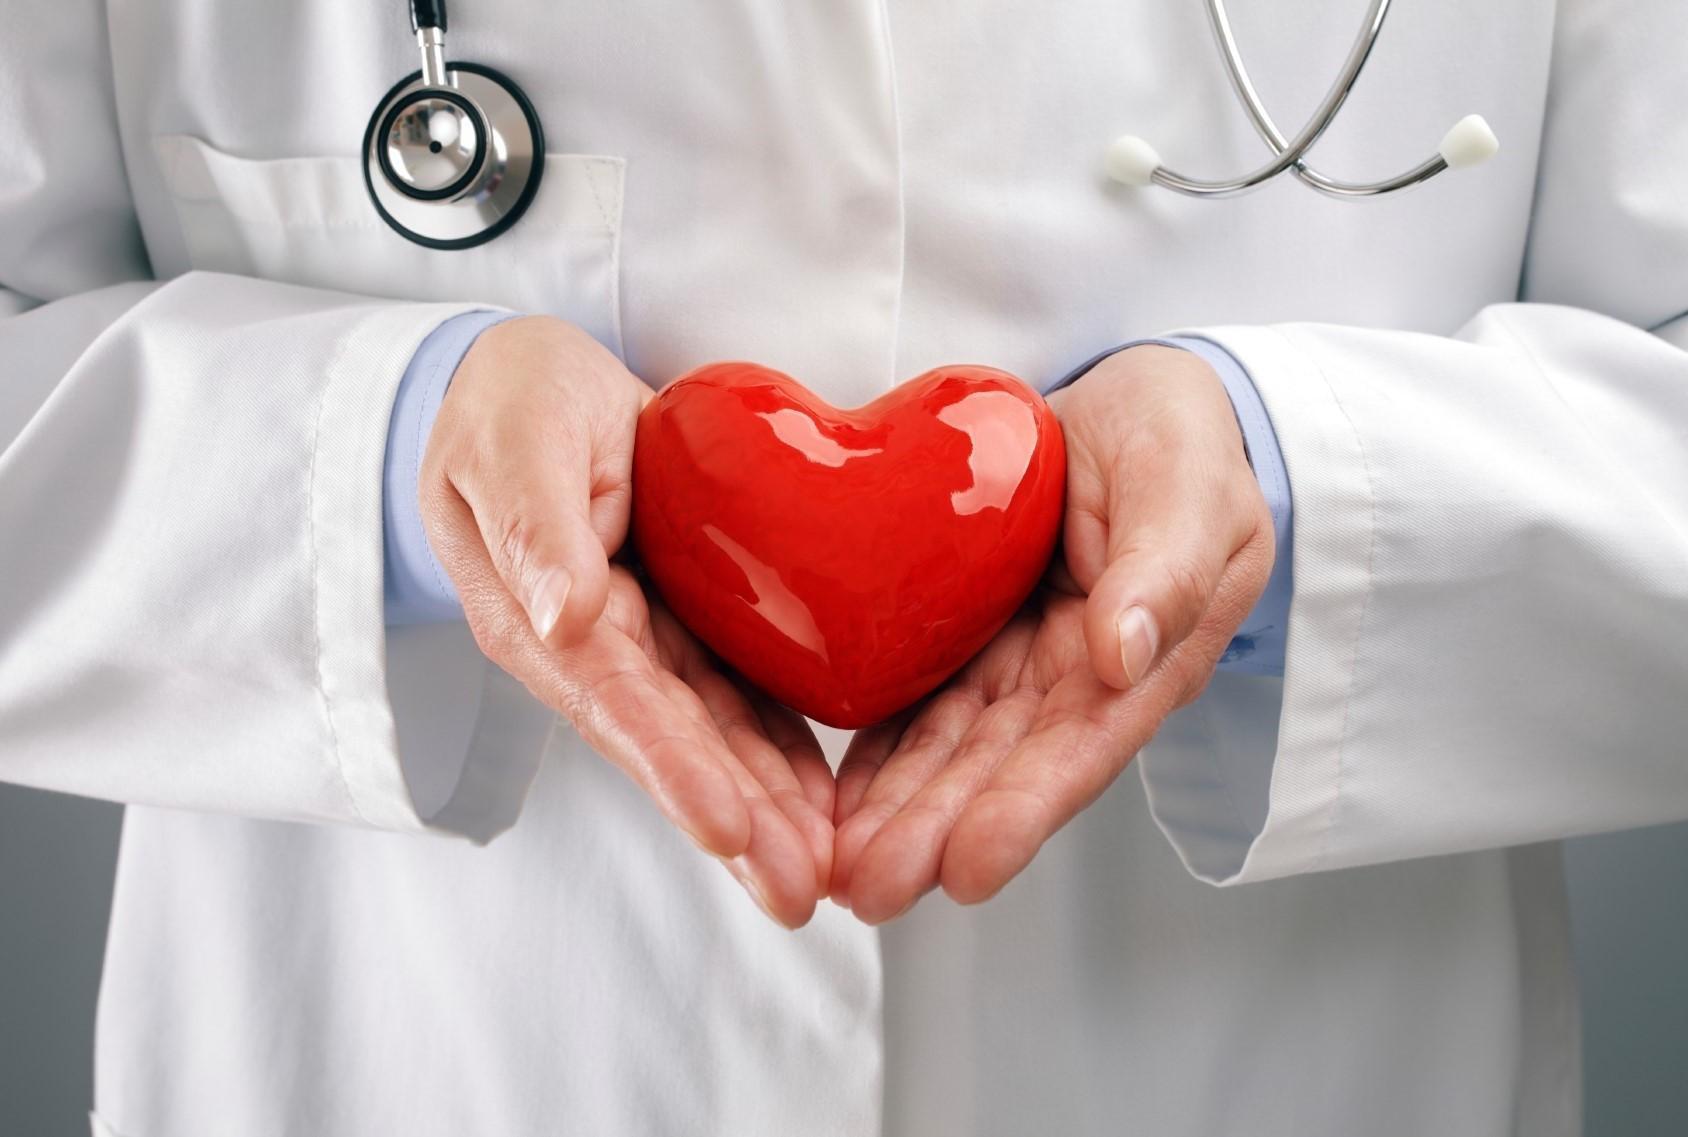 O Que É a Cirurgia de Bypass Para o Coração?